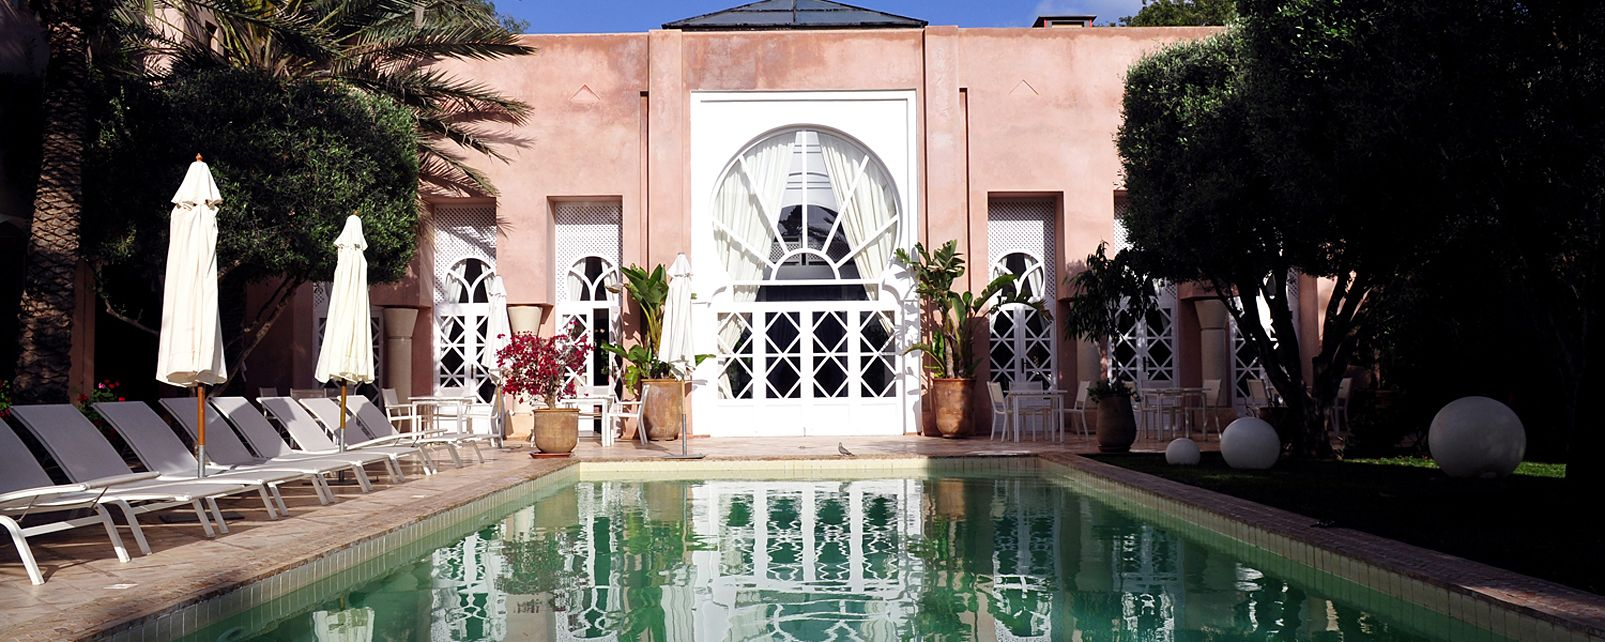 Hôtel Riad des Golfs